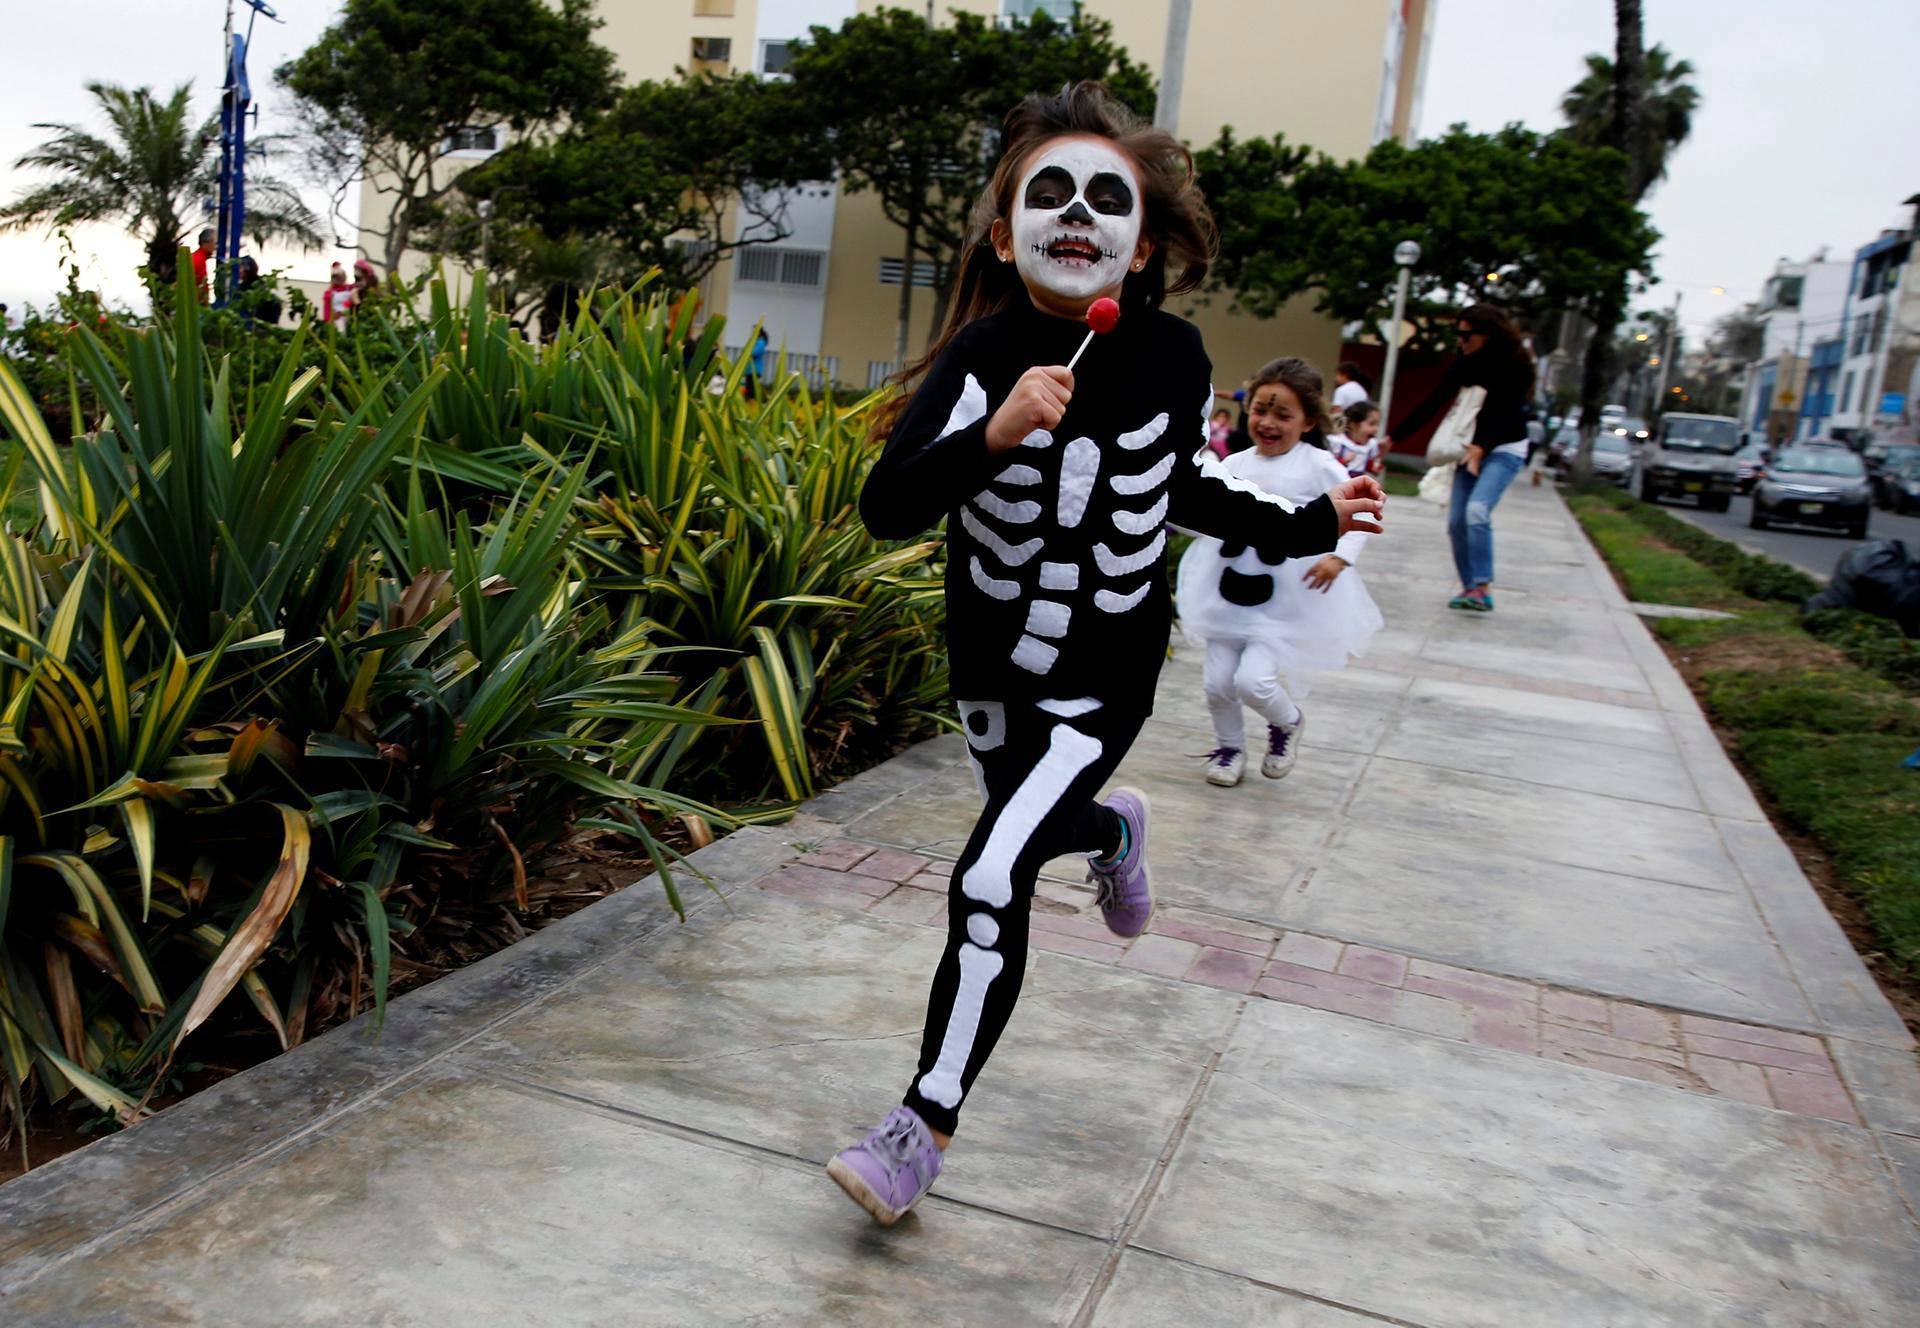 Luurangoksi laittautunut lapsi juoksenteli Limassa, Perussa.